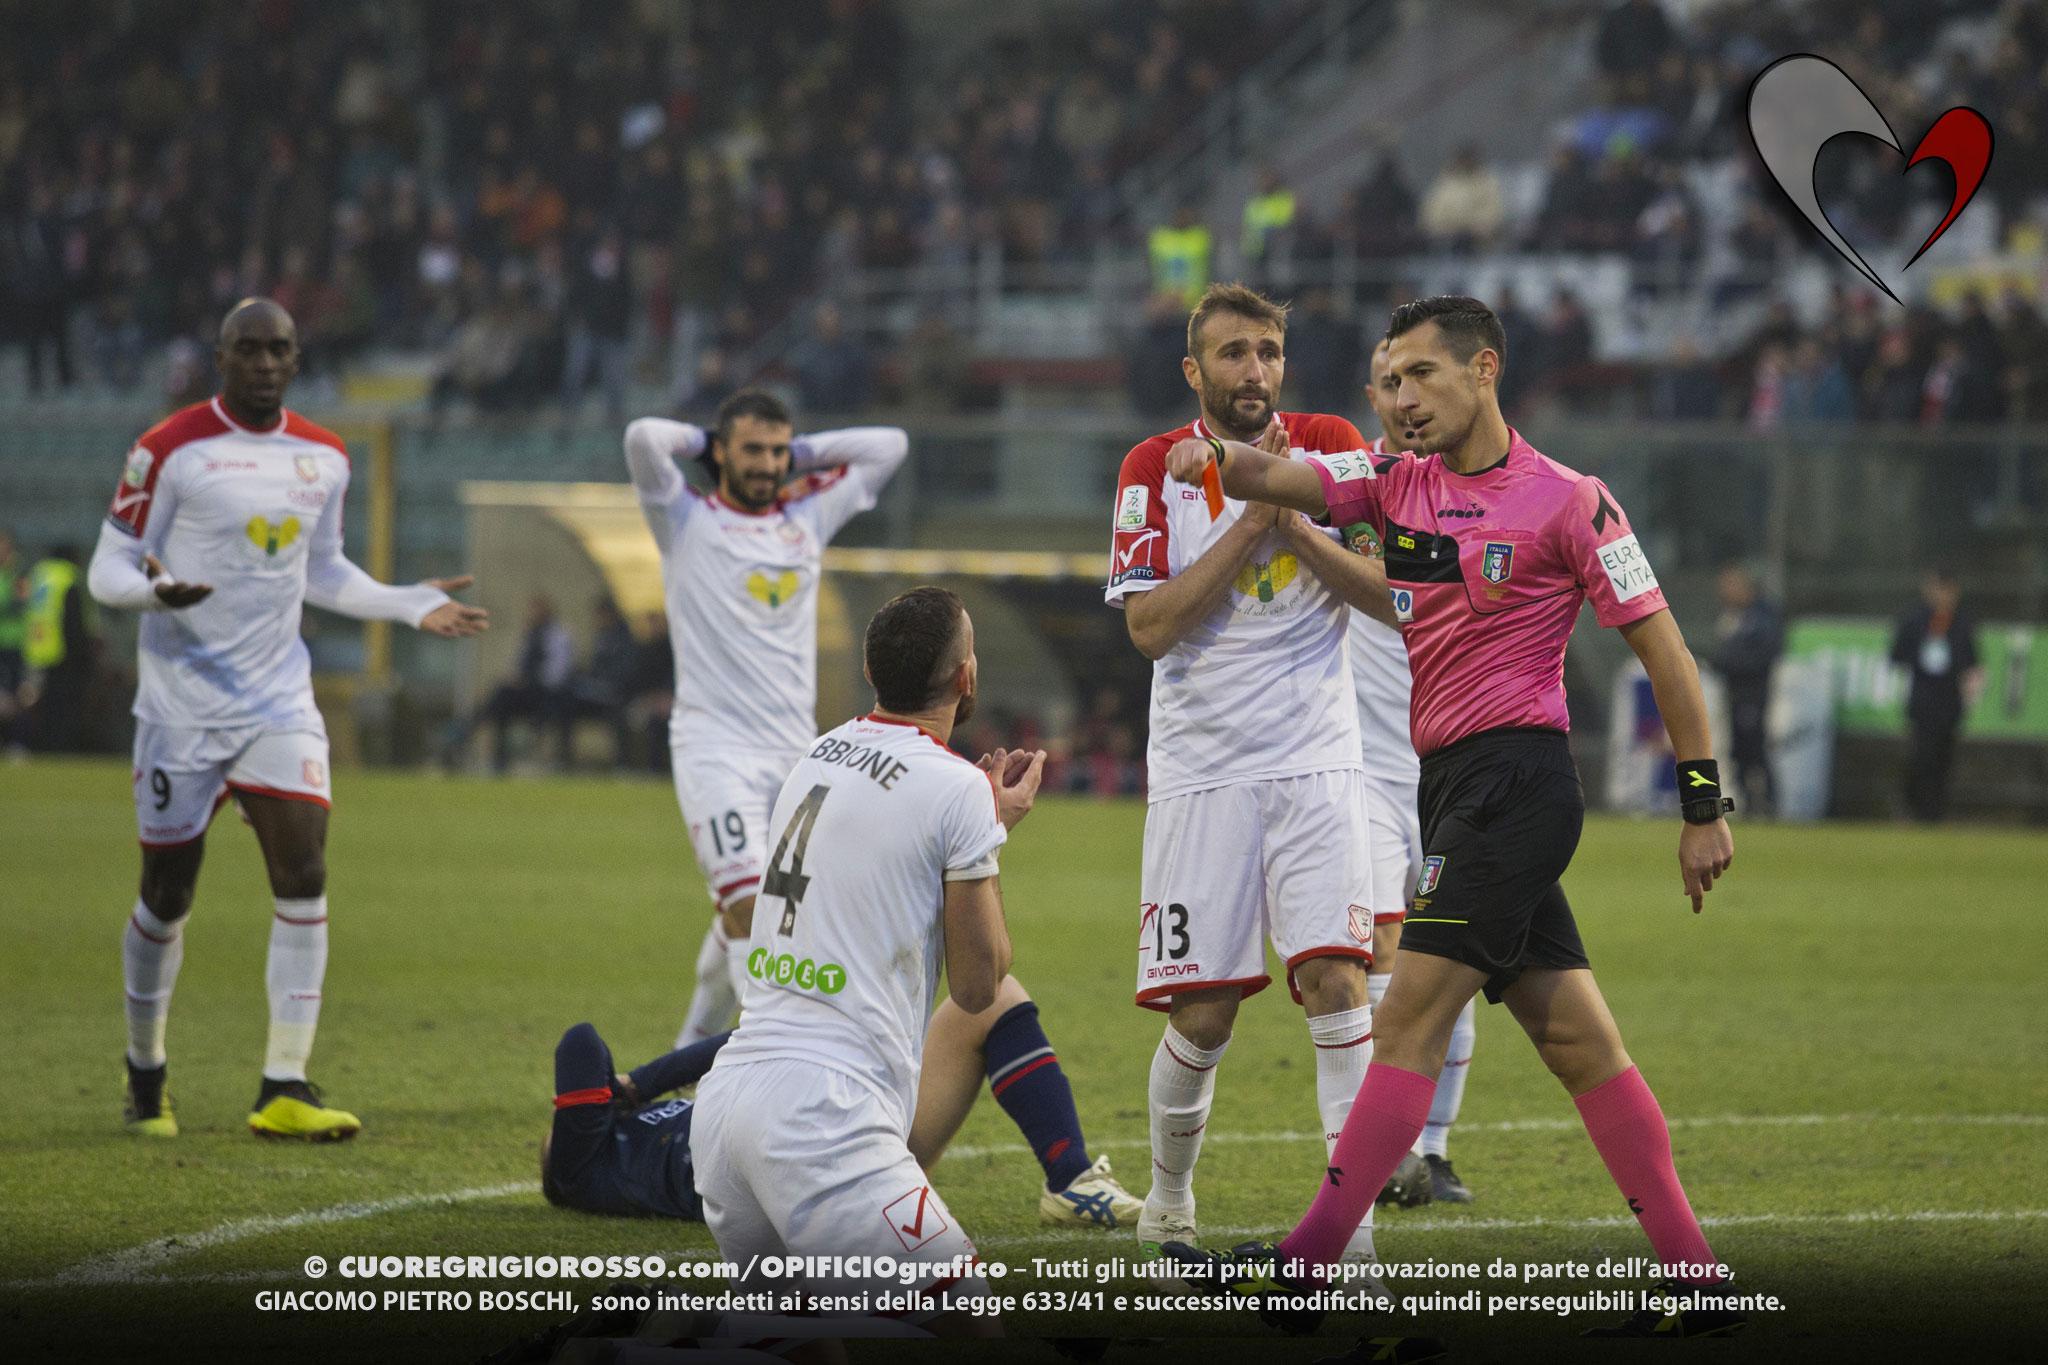 Serie B, ufficiale l'arrivo del VAR dalla prossima stagione